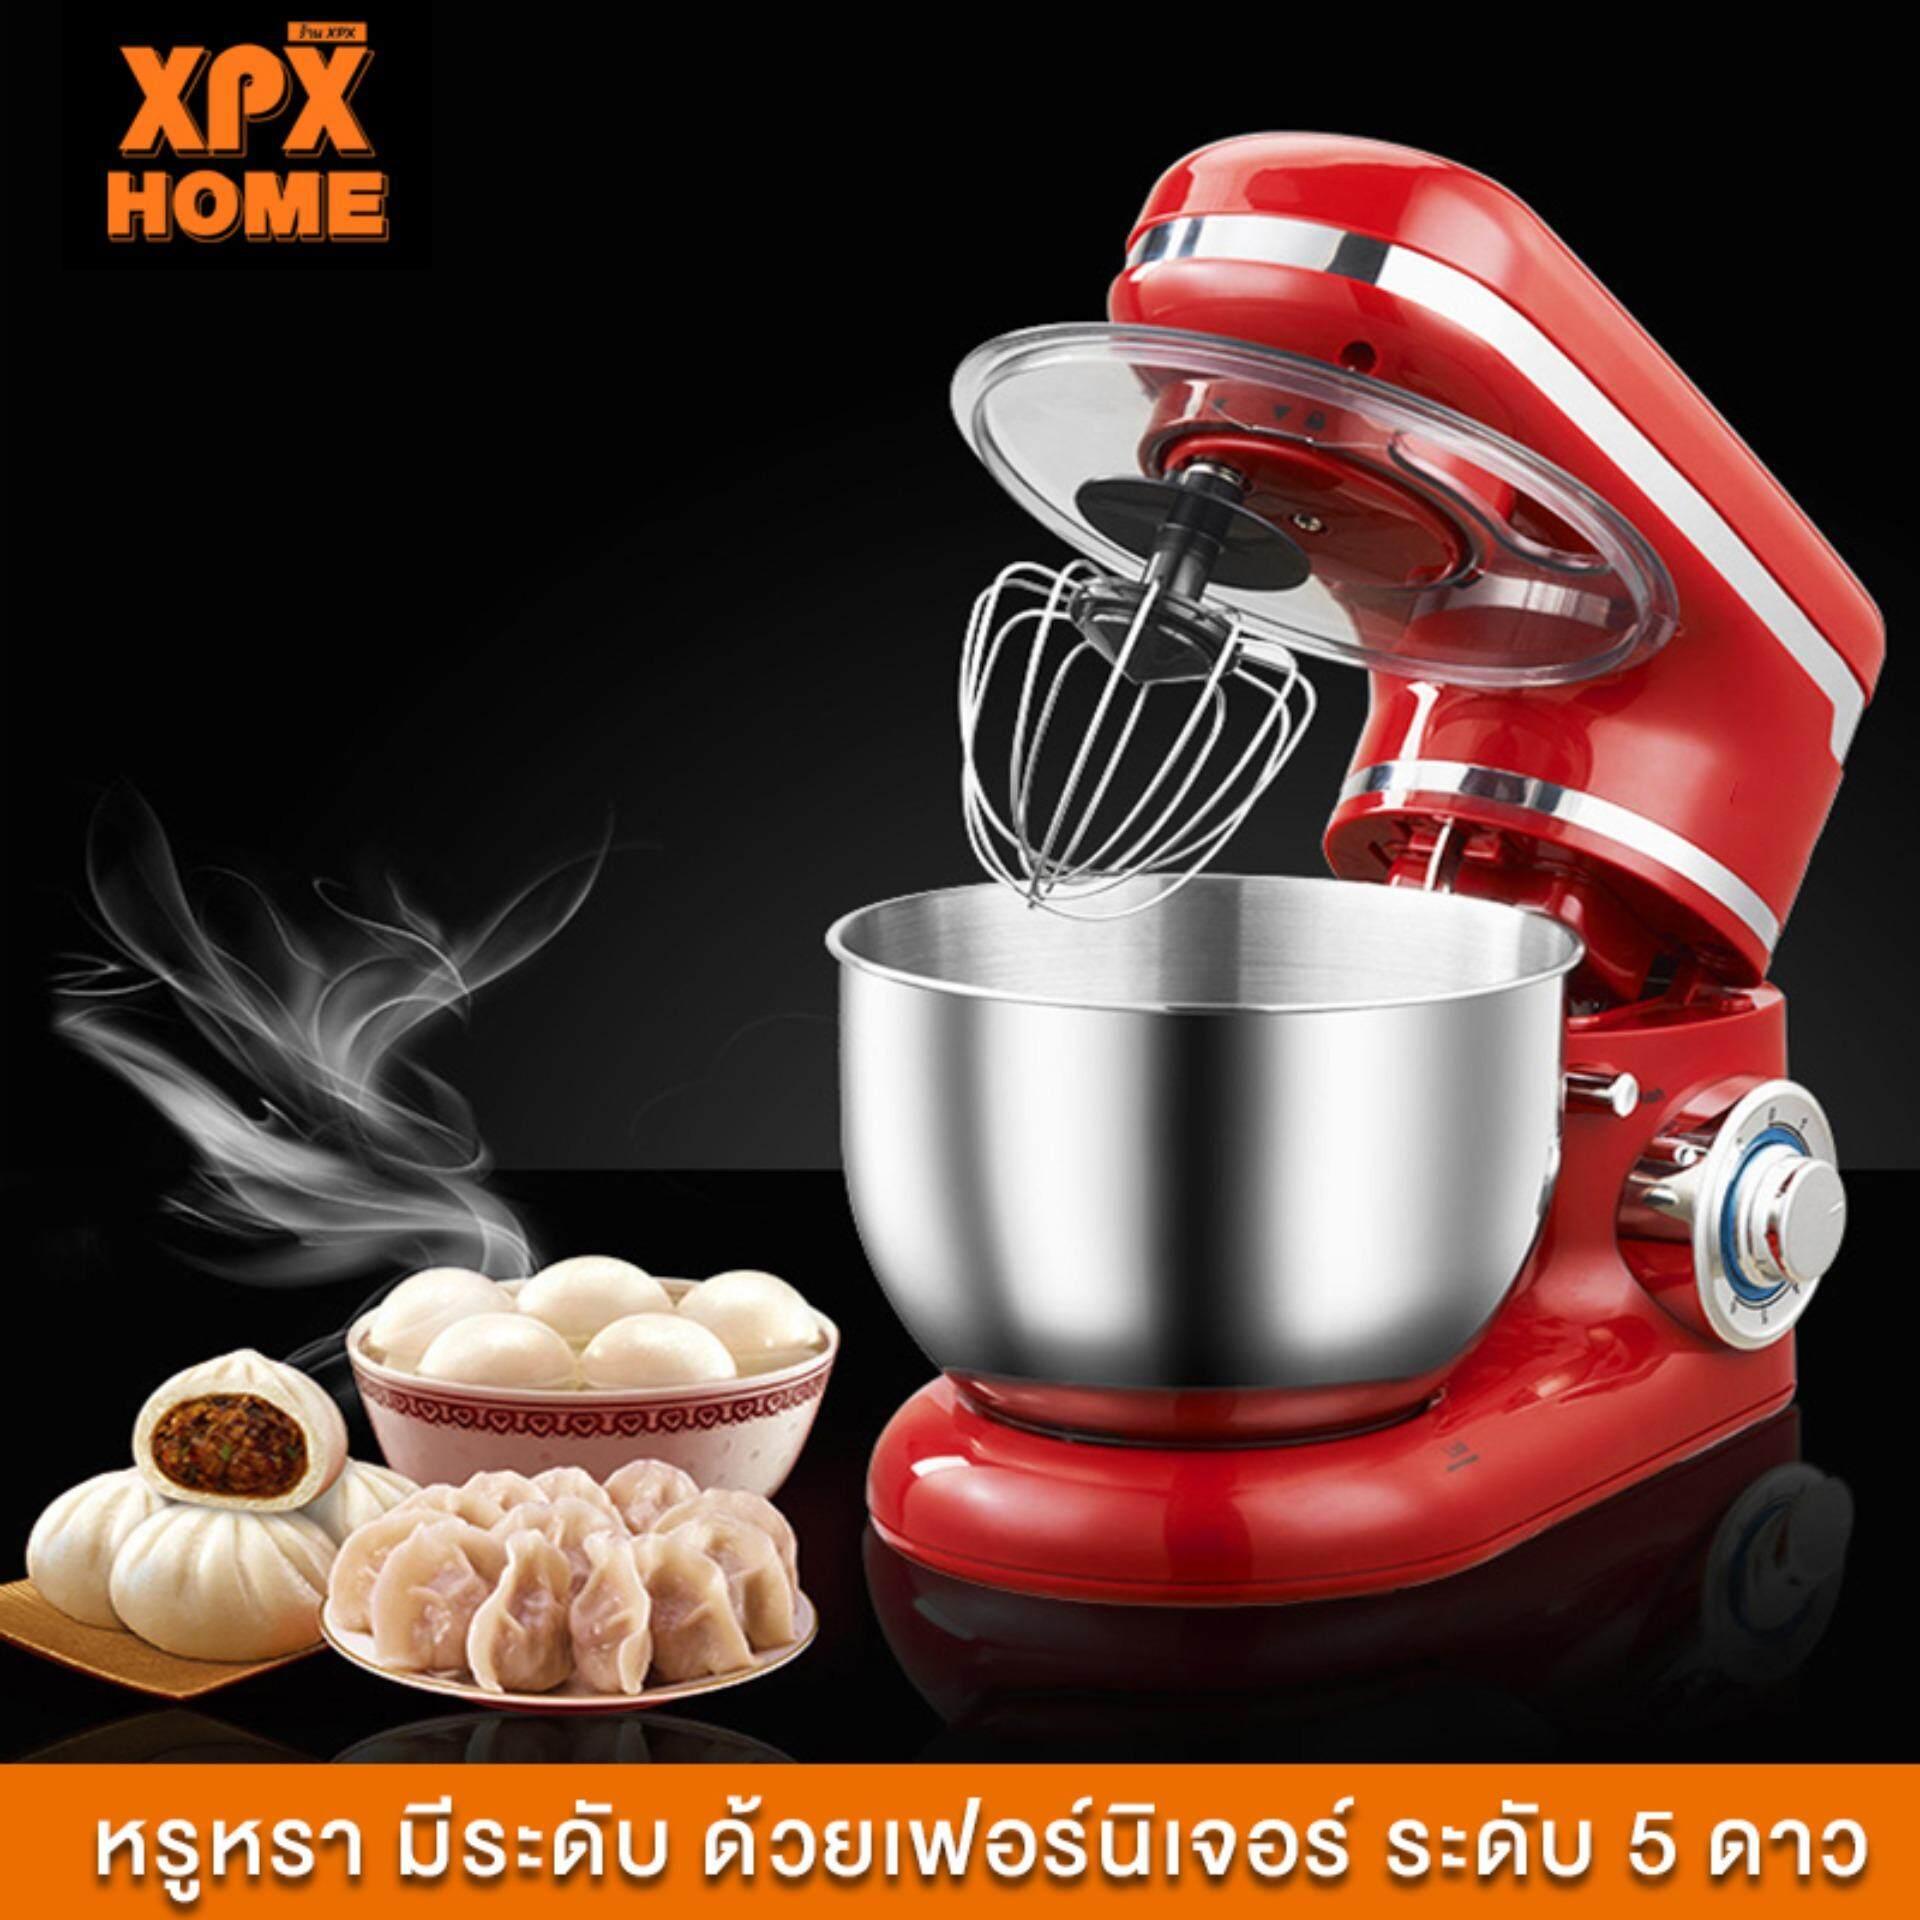 XPX เครื่องผสมอาหาร แบบตั้งโต๊ะ เครื่องตีแป้ง เครื่องผสมอเนกประสงค์ โถสแตนเลส 4 ลิตร JD56